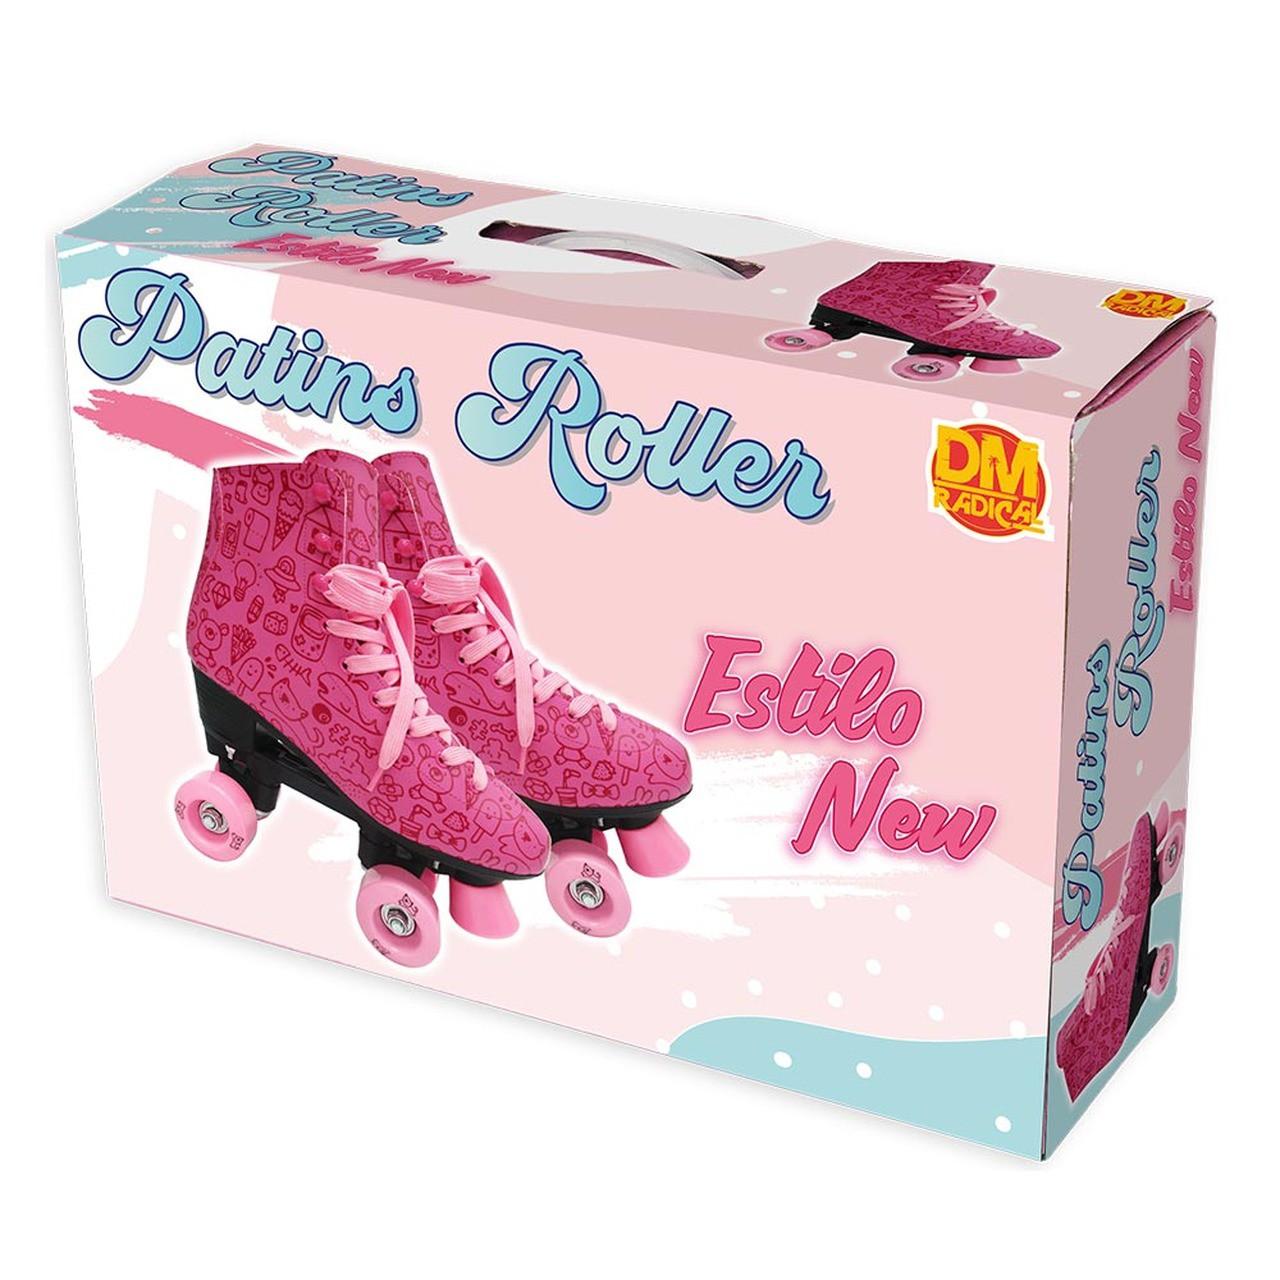 Patins Roller Estilo New Rosa Tamanho 34 - DmToys 5856